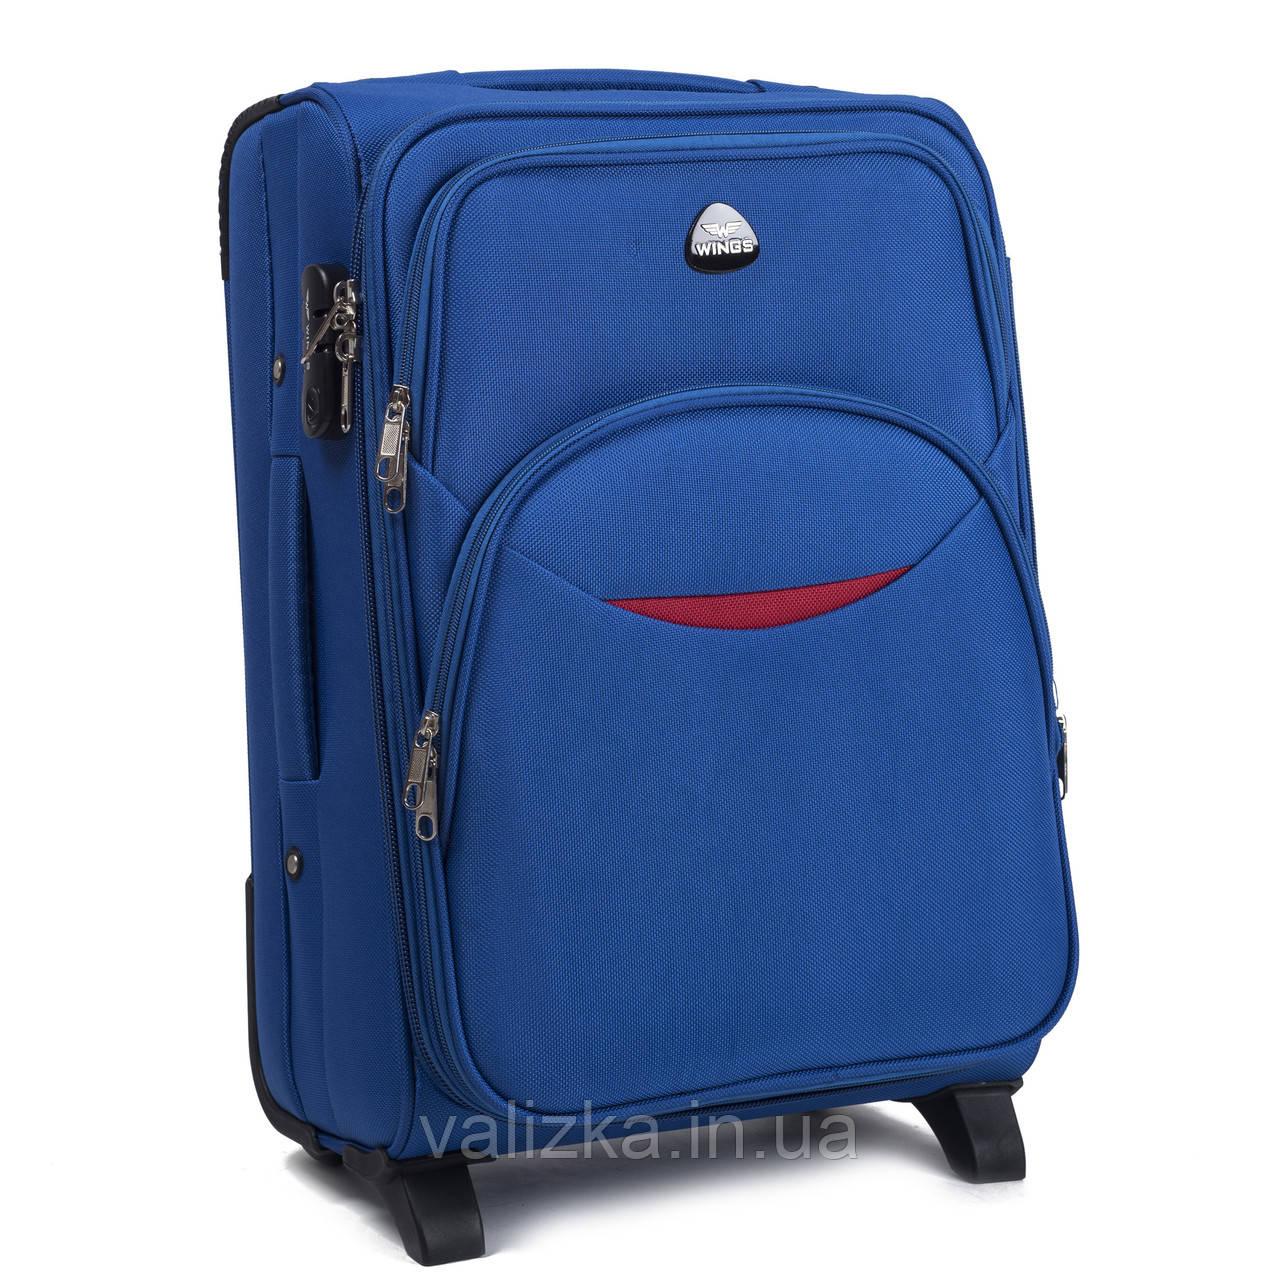 Текстильний маленький чемодан для ручної поклажі на 2-х колесах Wings 1708 світло-синього кольору.